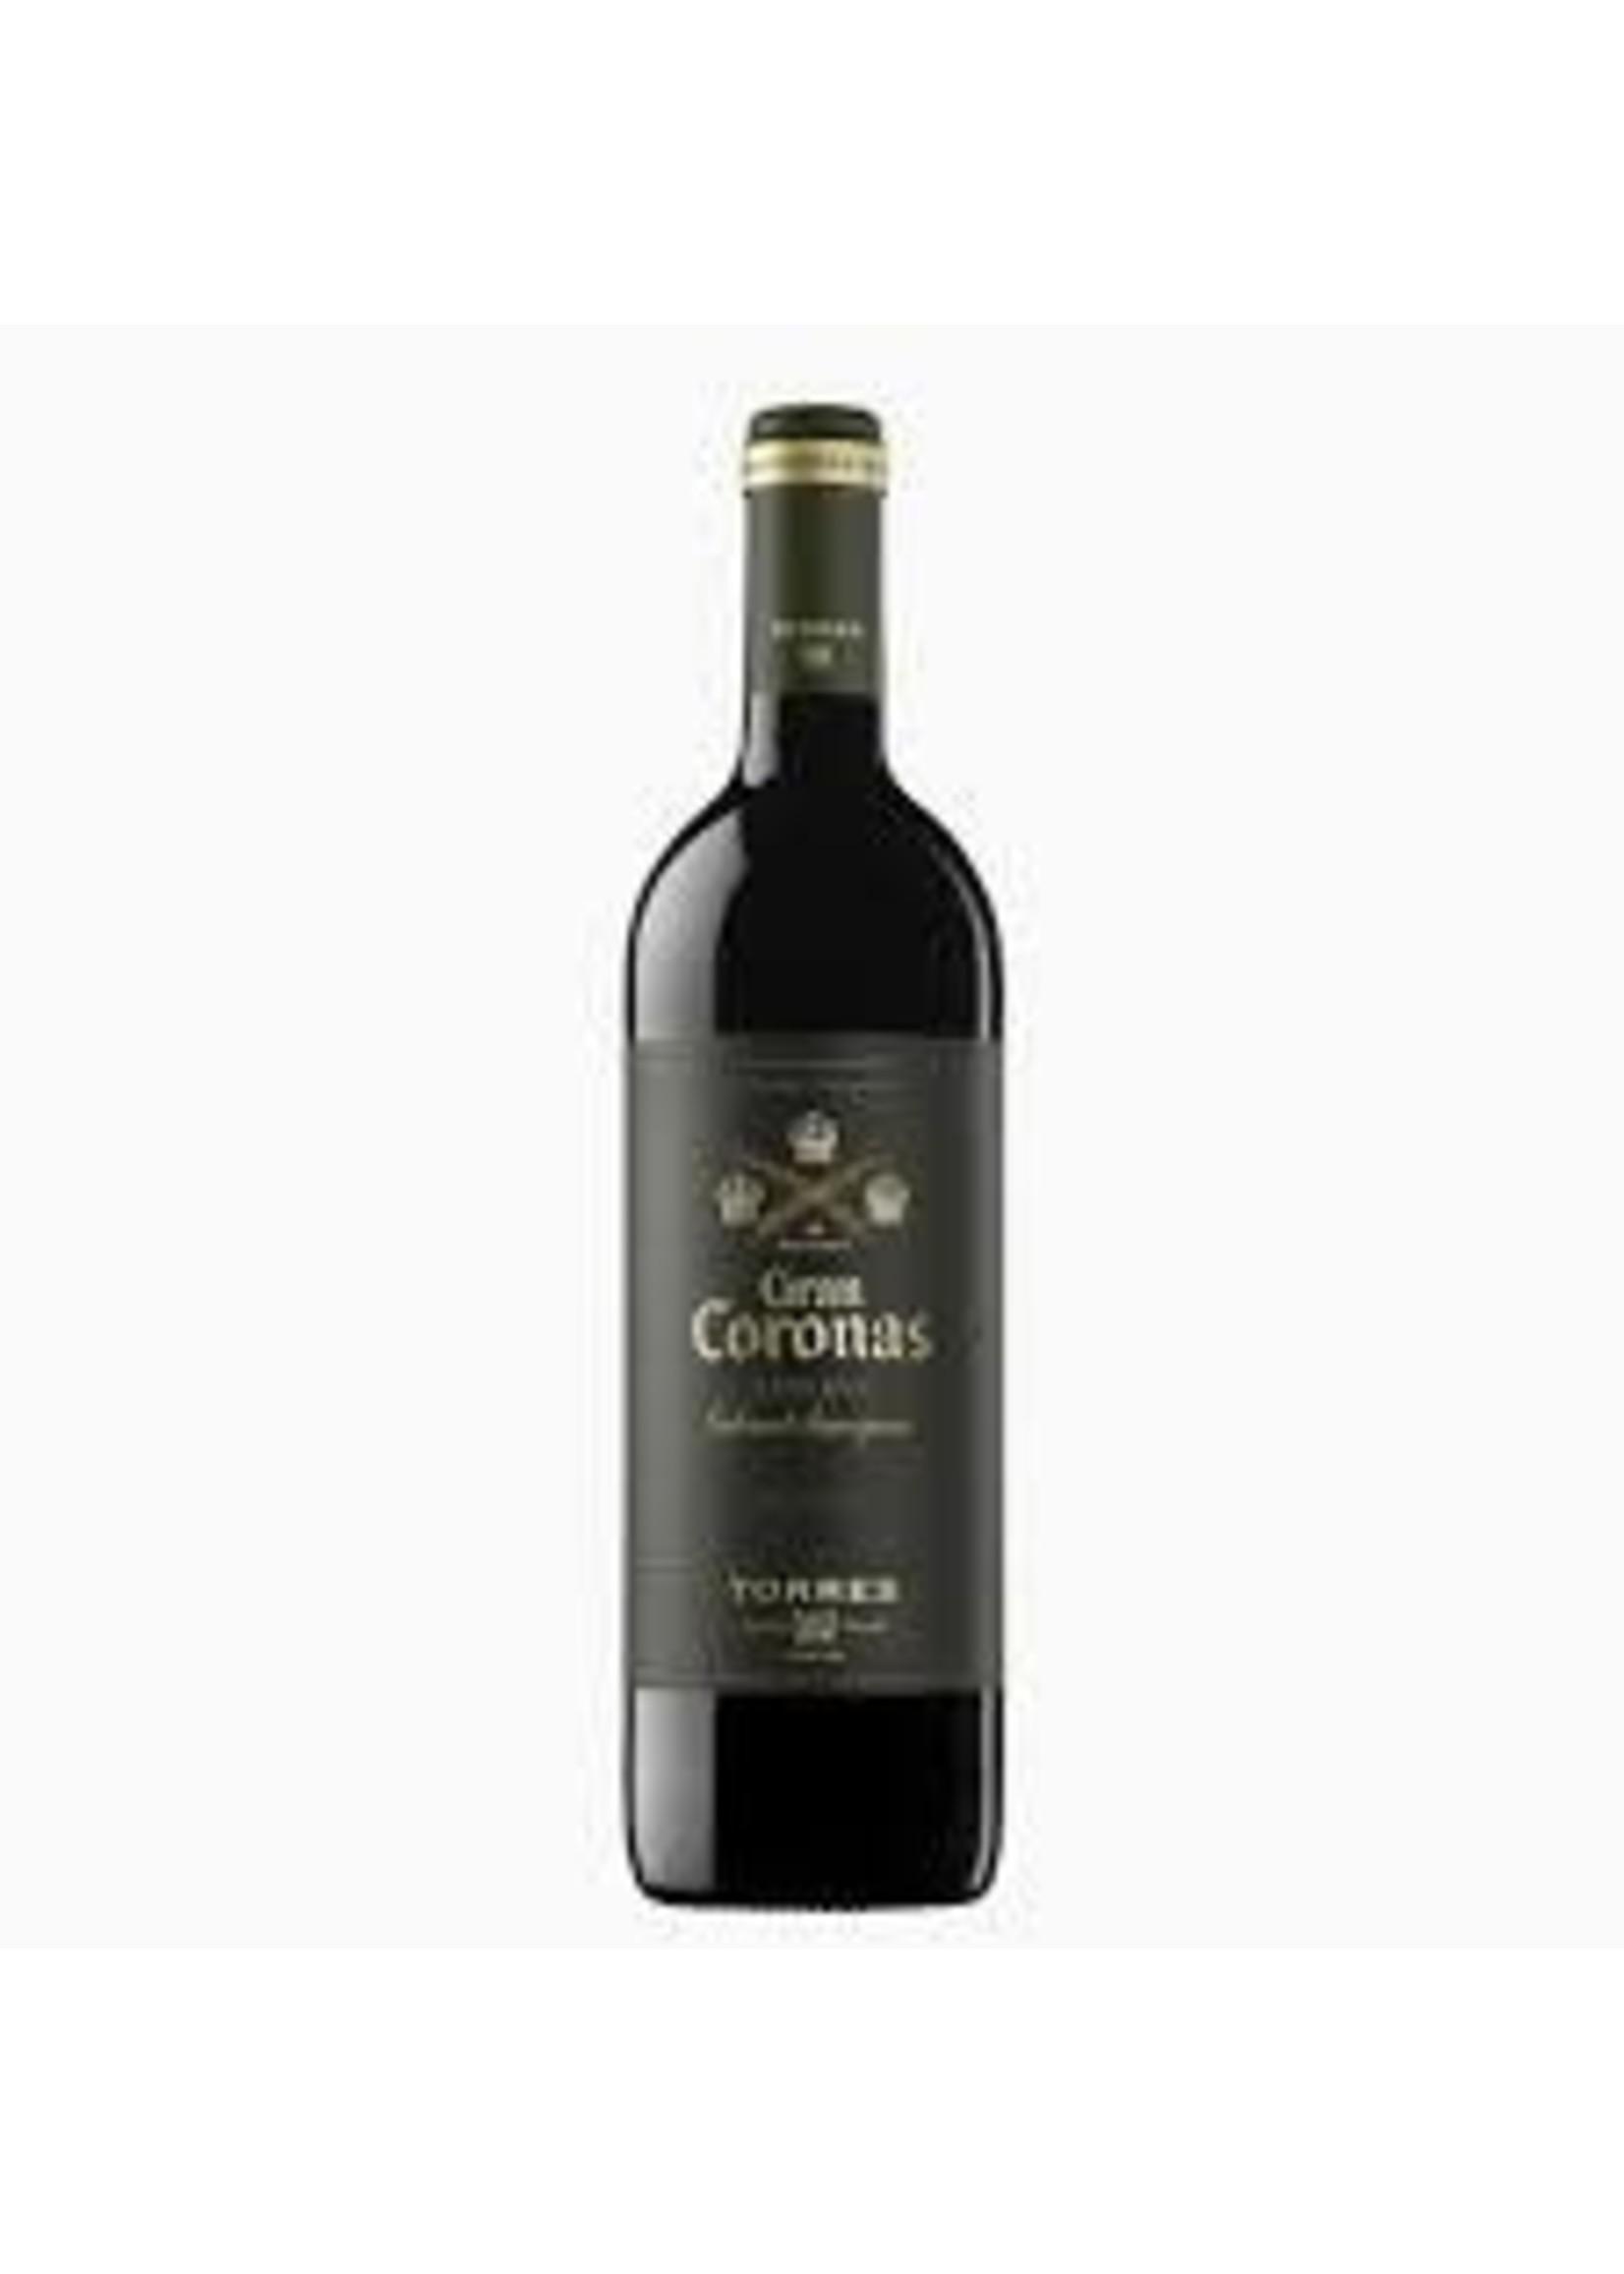 Torres 2015 Gran Coronas Cabernet Sauvignon 750ml